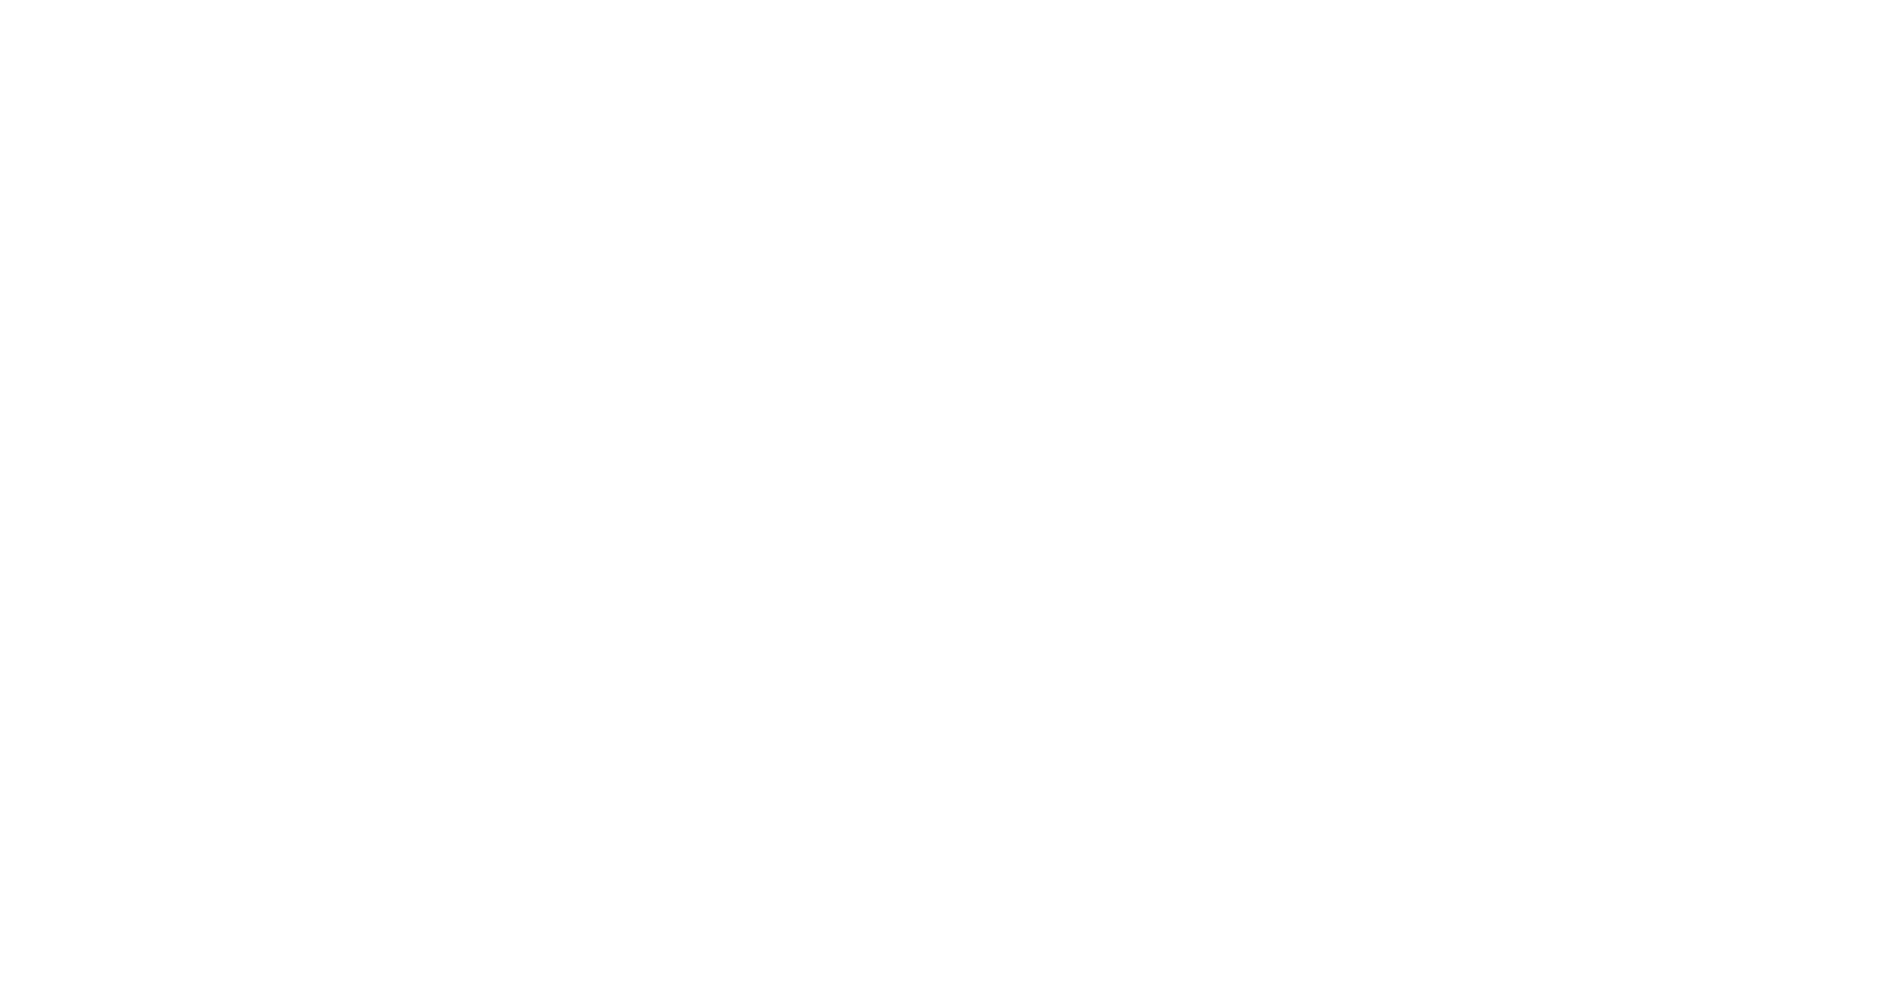 zappa-logo-blanc.png